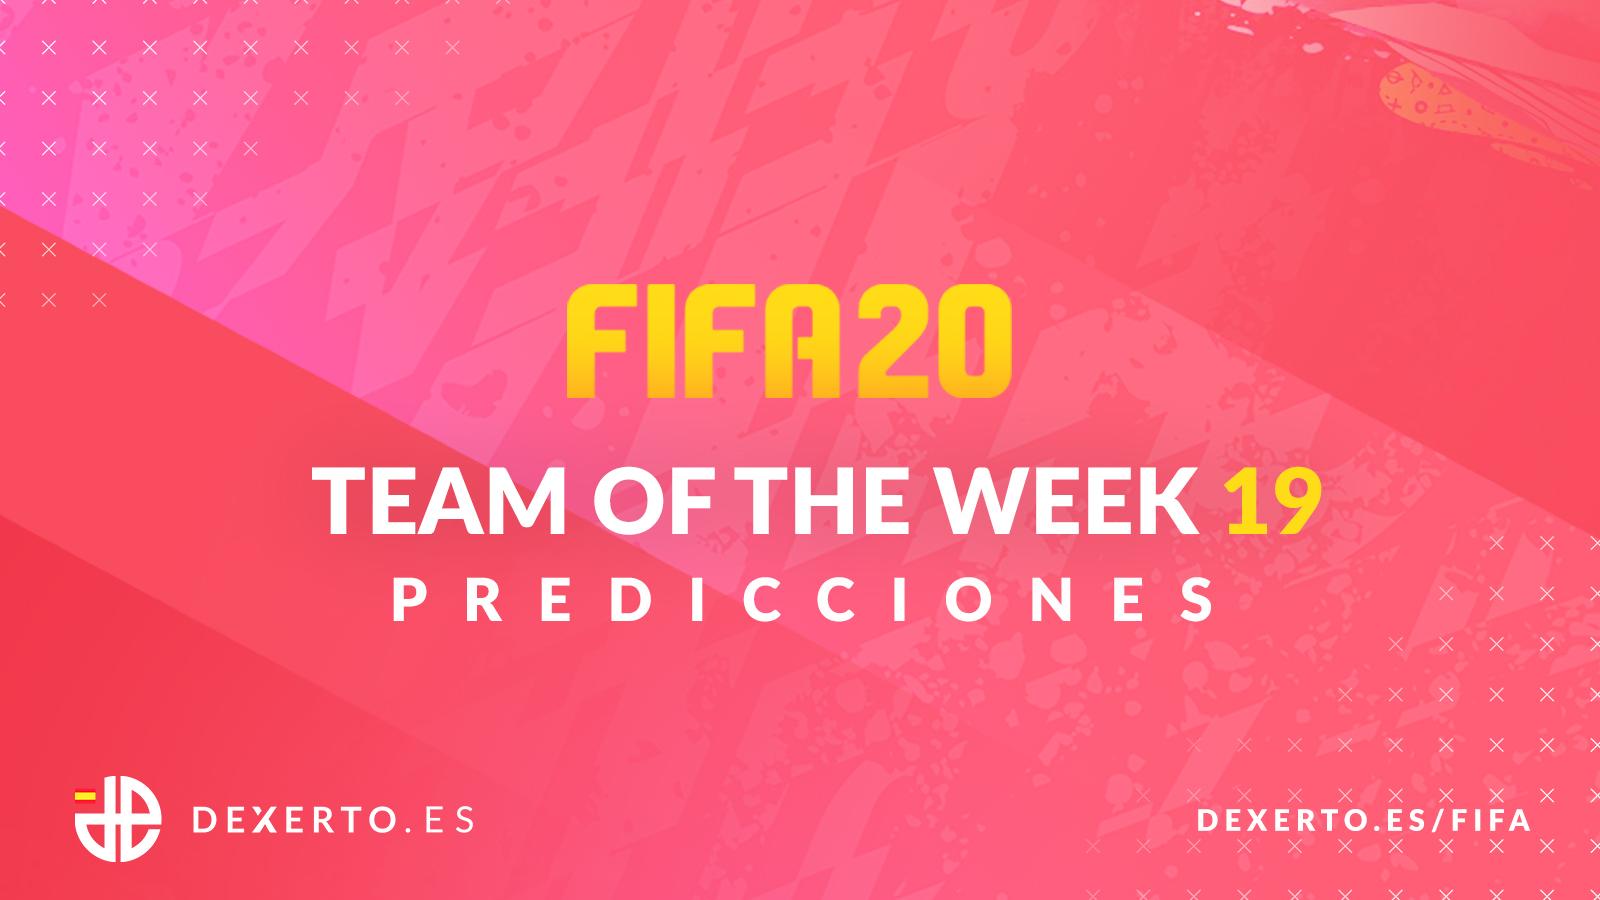 FIFA 20 Predicciones TOTW 19